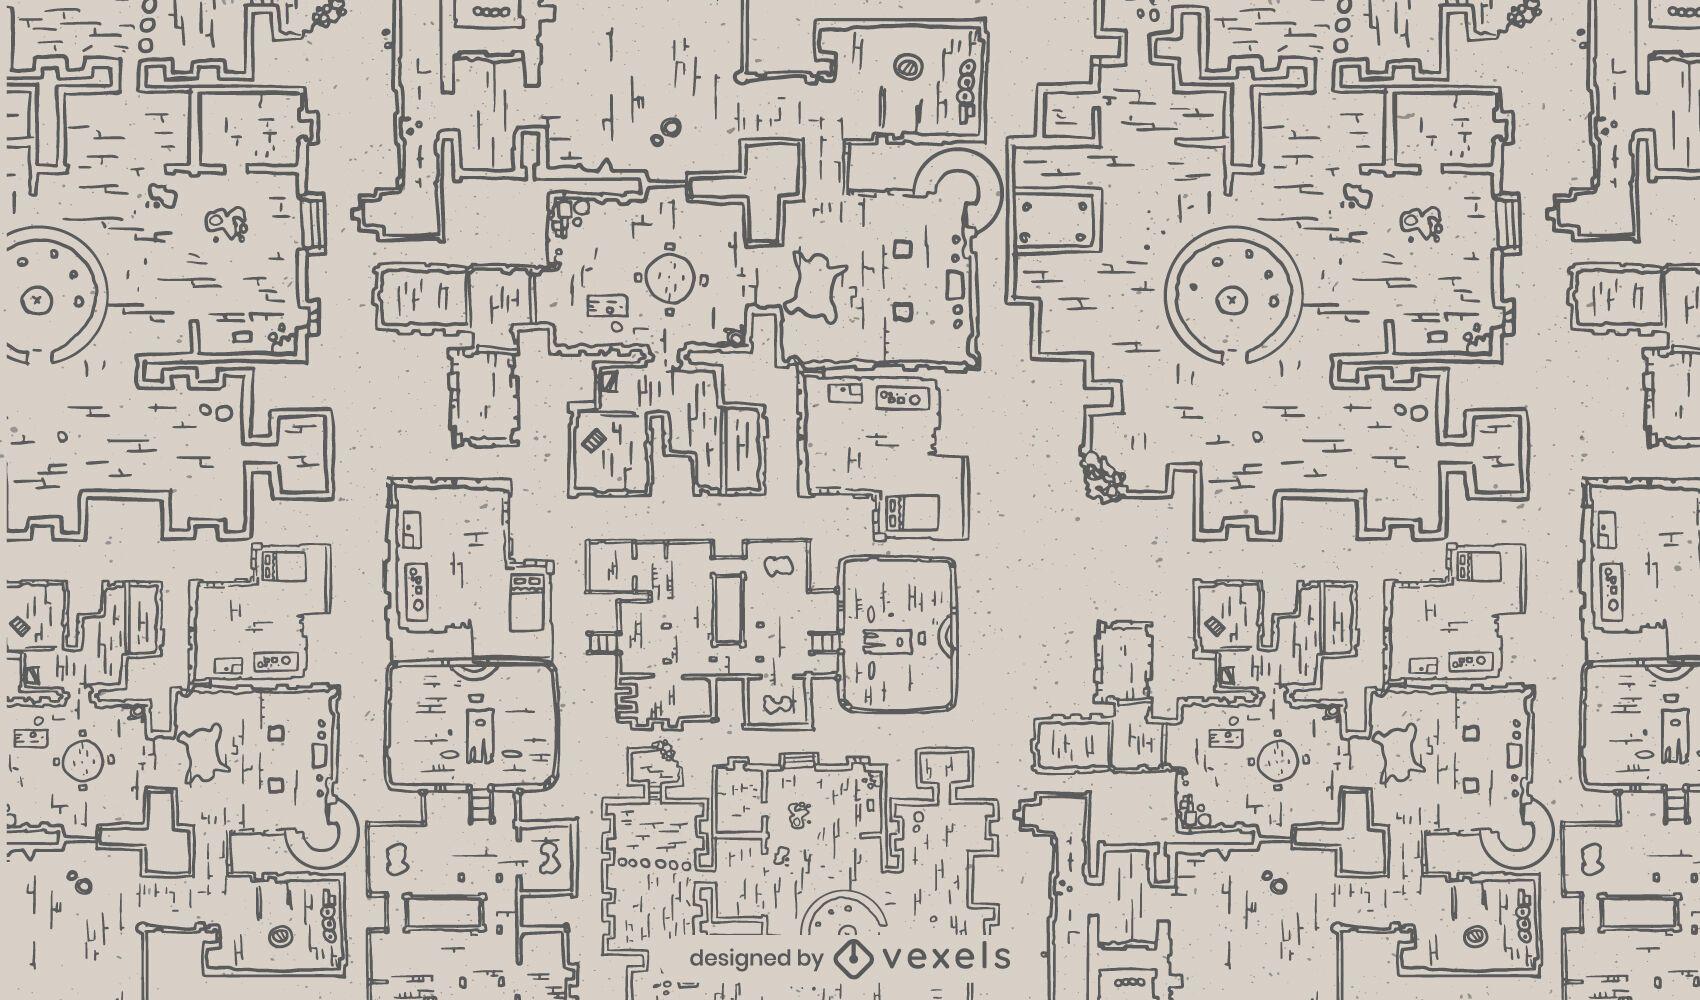 Patrón de mapa de arquitectura de mazmorra de fantasía